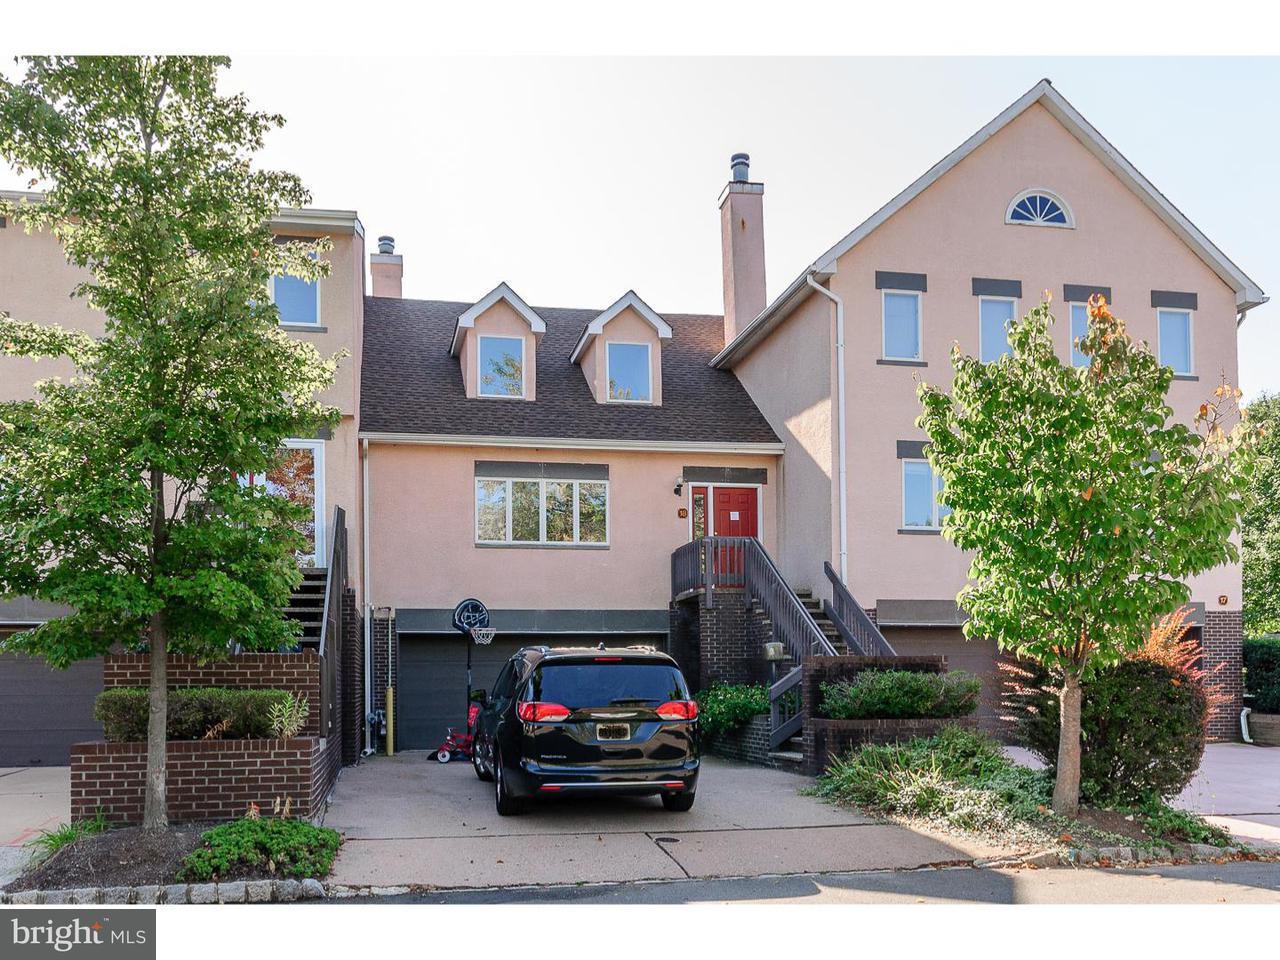 联栋屋 为 出租 在 18 HANOVER Court 普林斯顿, 新泽西州 08540 美国在/周边: W Windsor Township